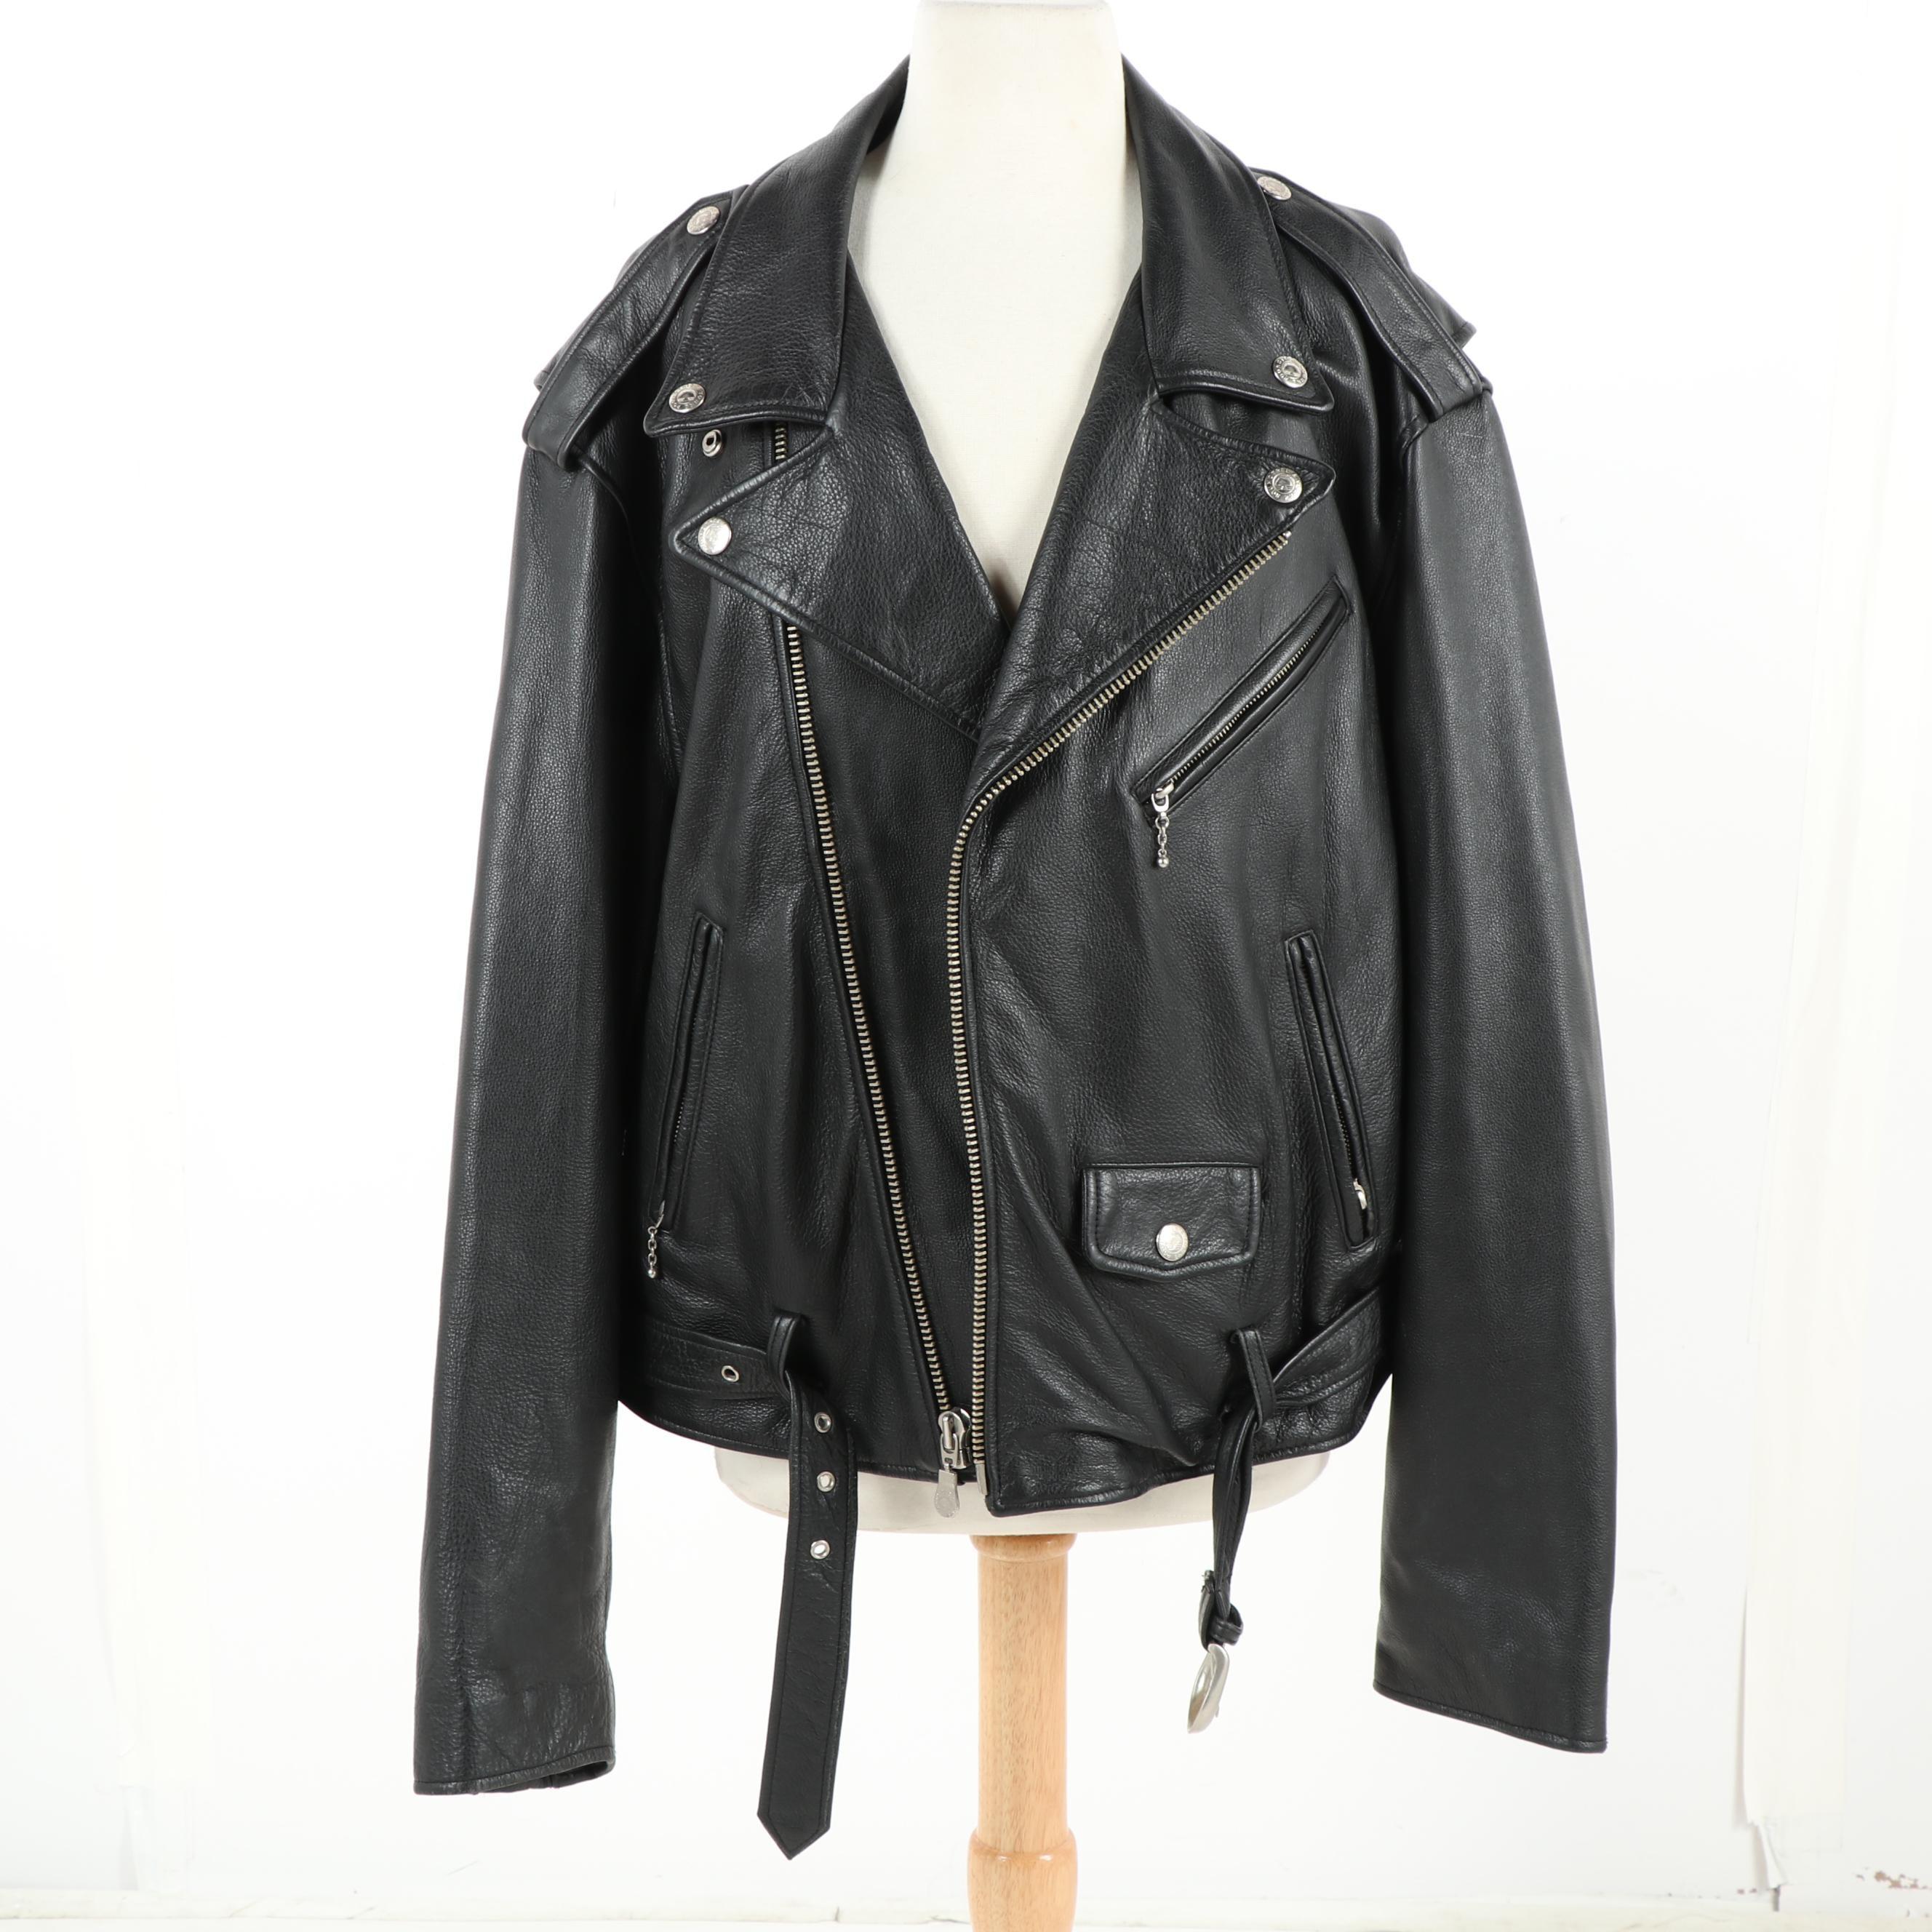 Men's Roundtree & York Black Leather Motorcycle Jacket